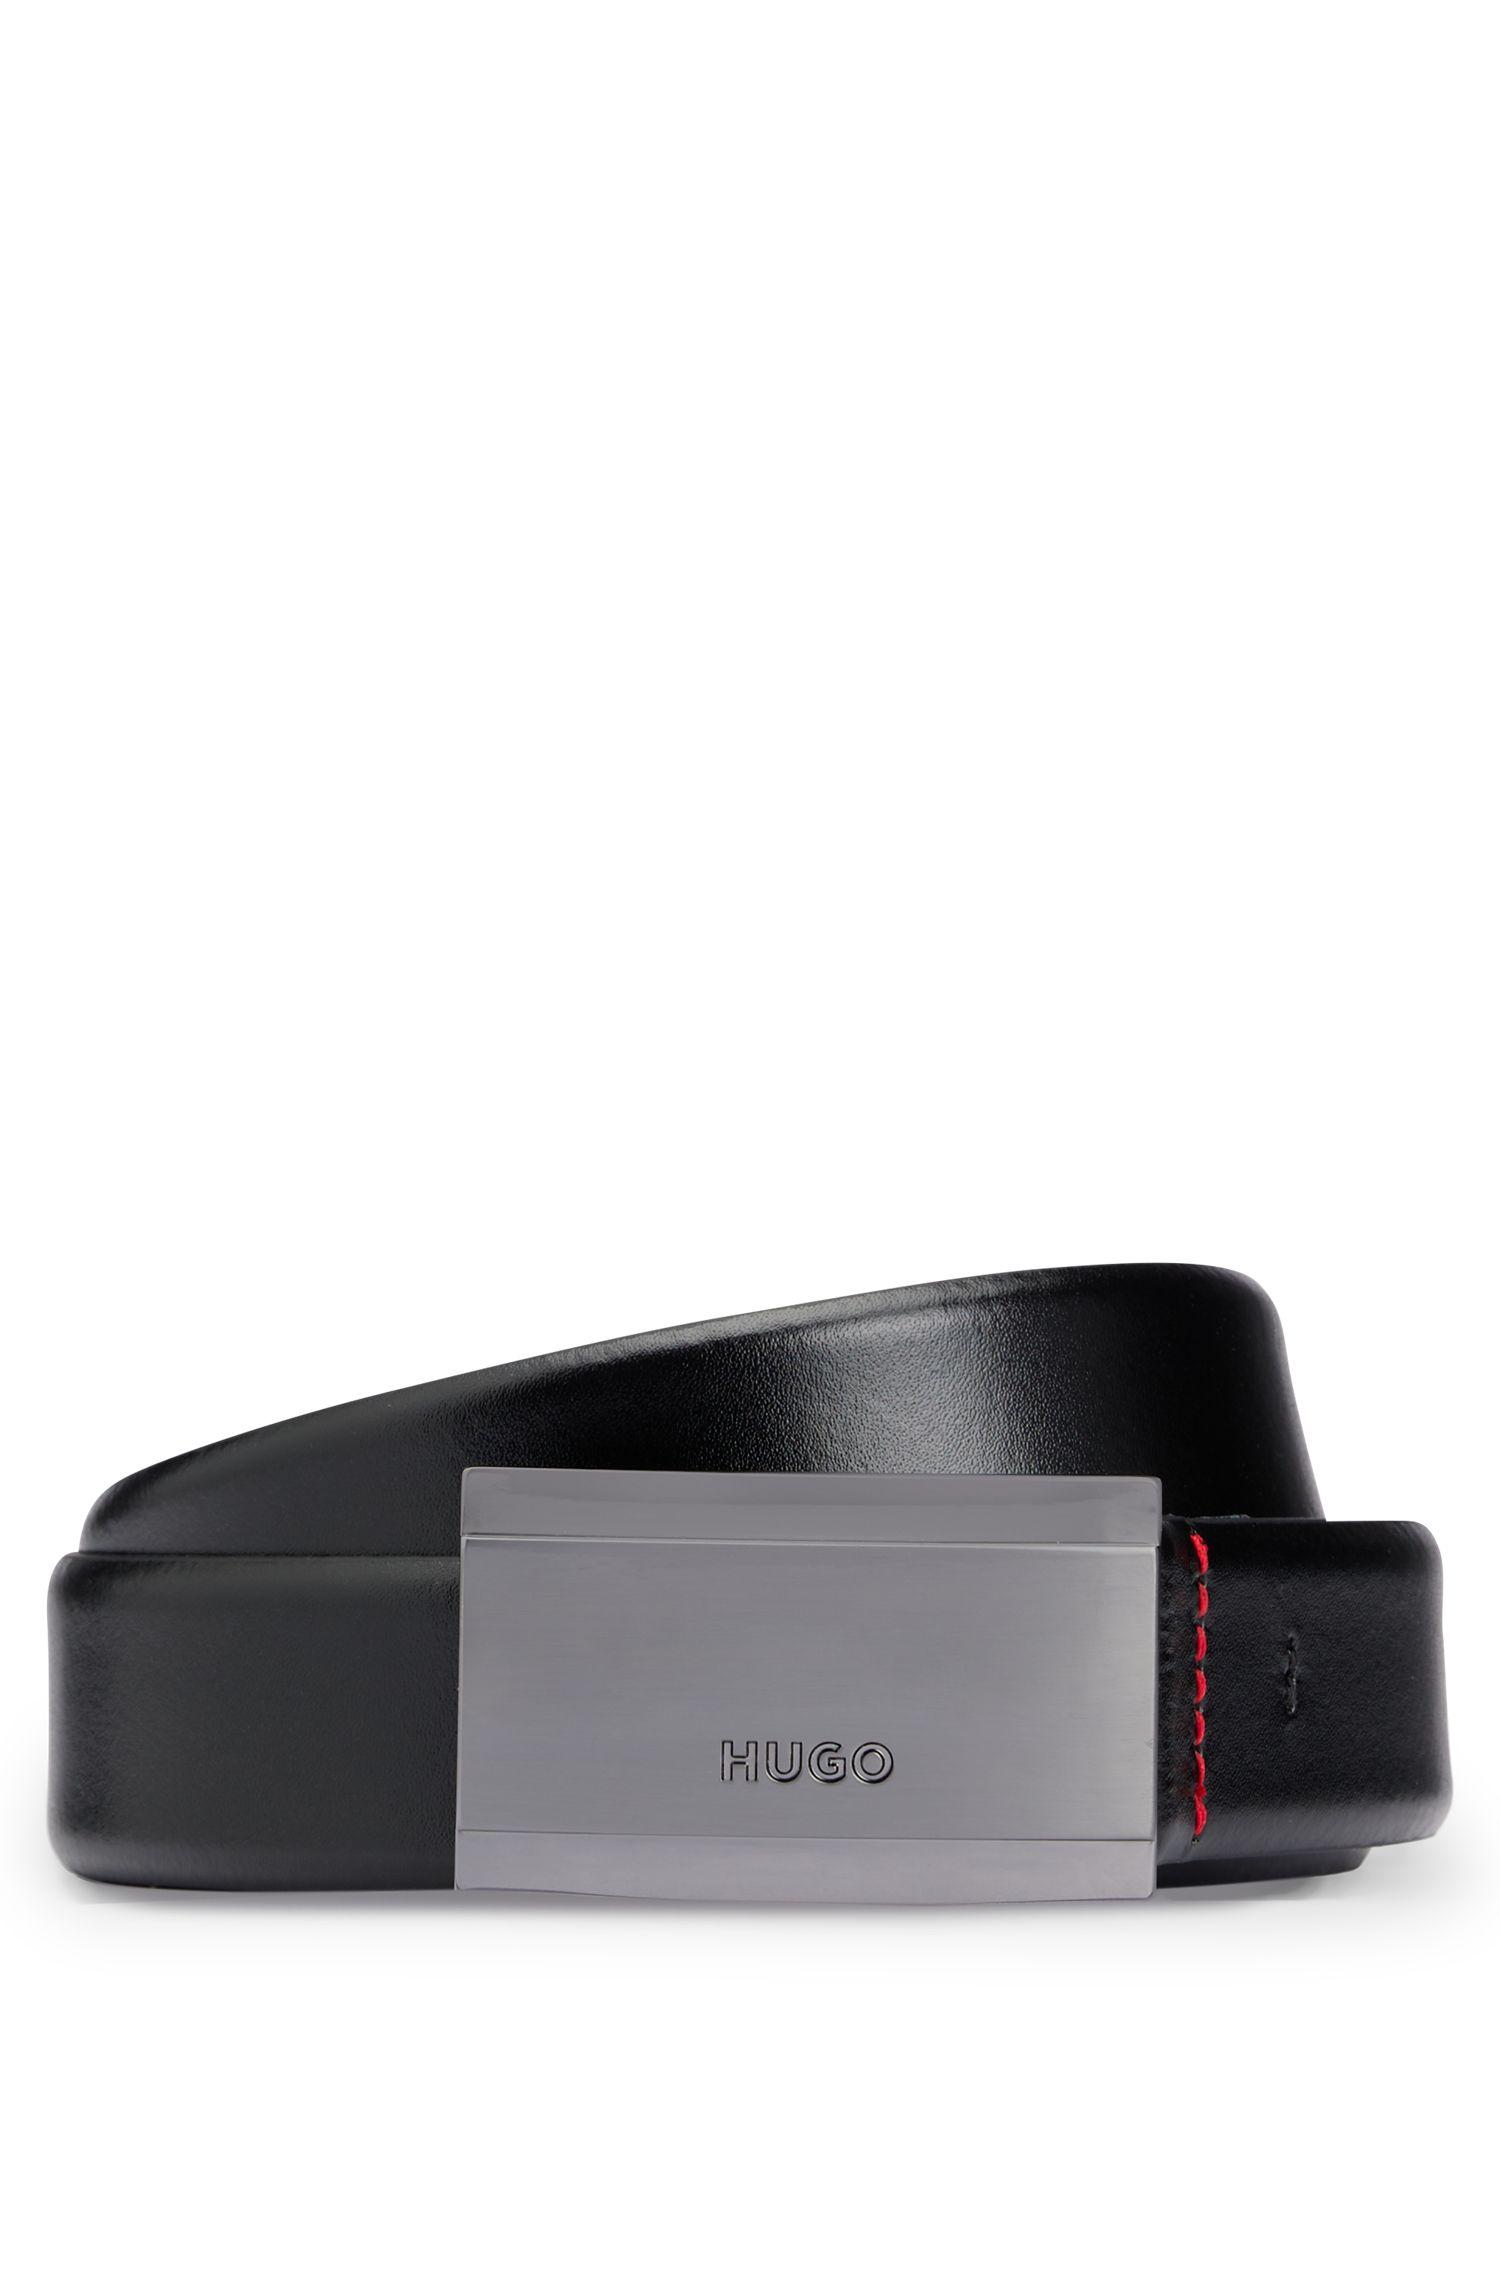 Hugo Boss - Cinturón de piel lisa con hebilla de placa y logo grabado - 1